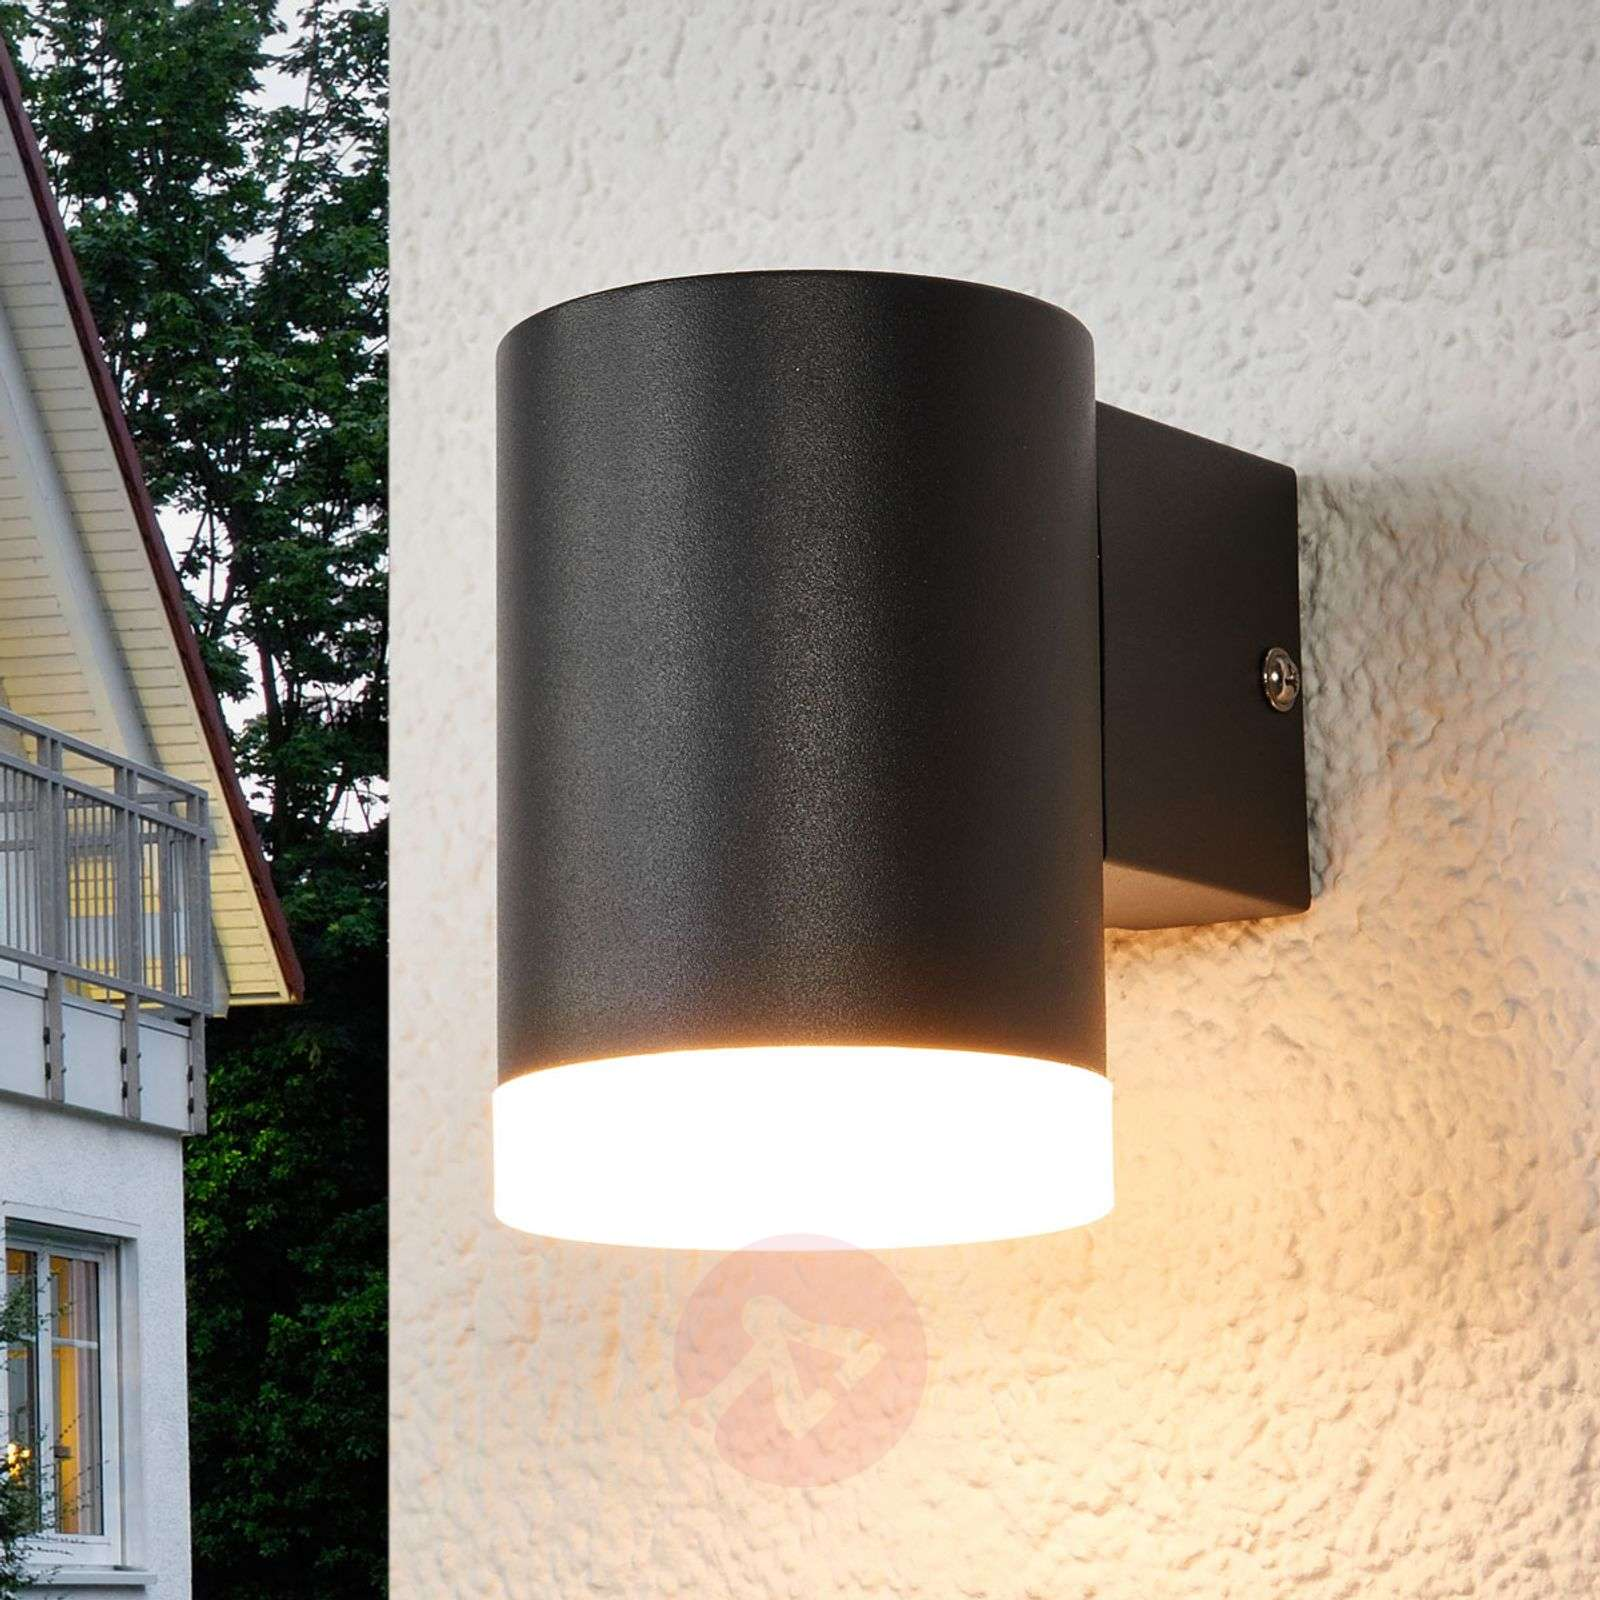 Tummanharmaa LED-seinävalaisin Morena ulkokäyttöön-9988112-02